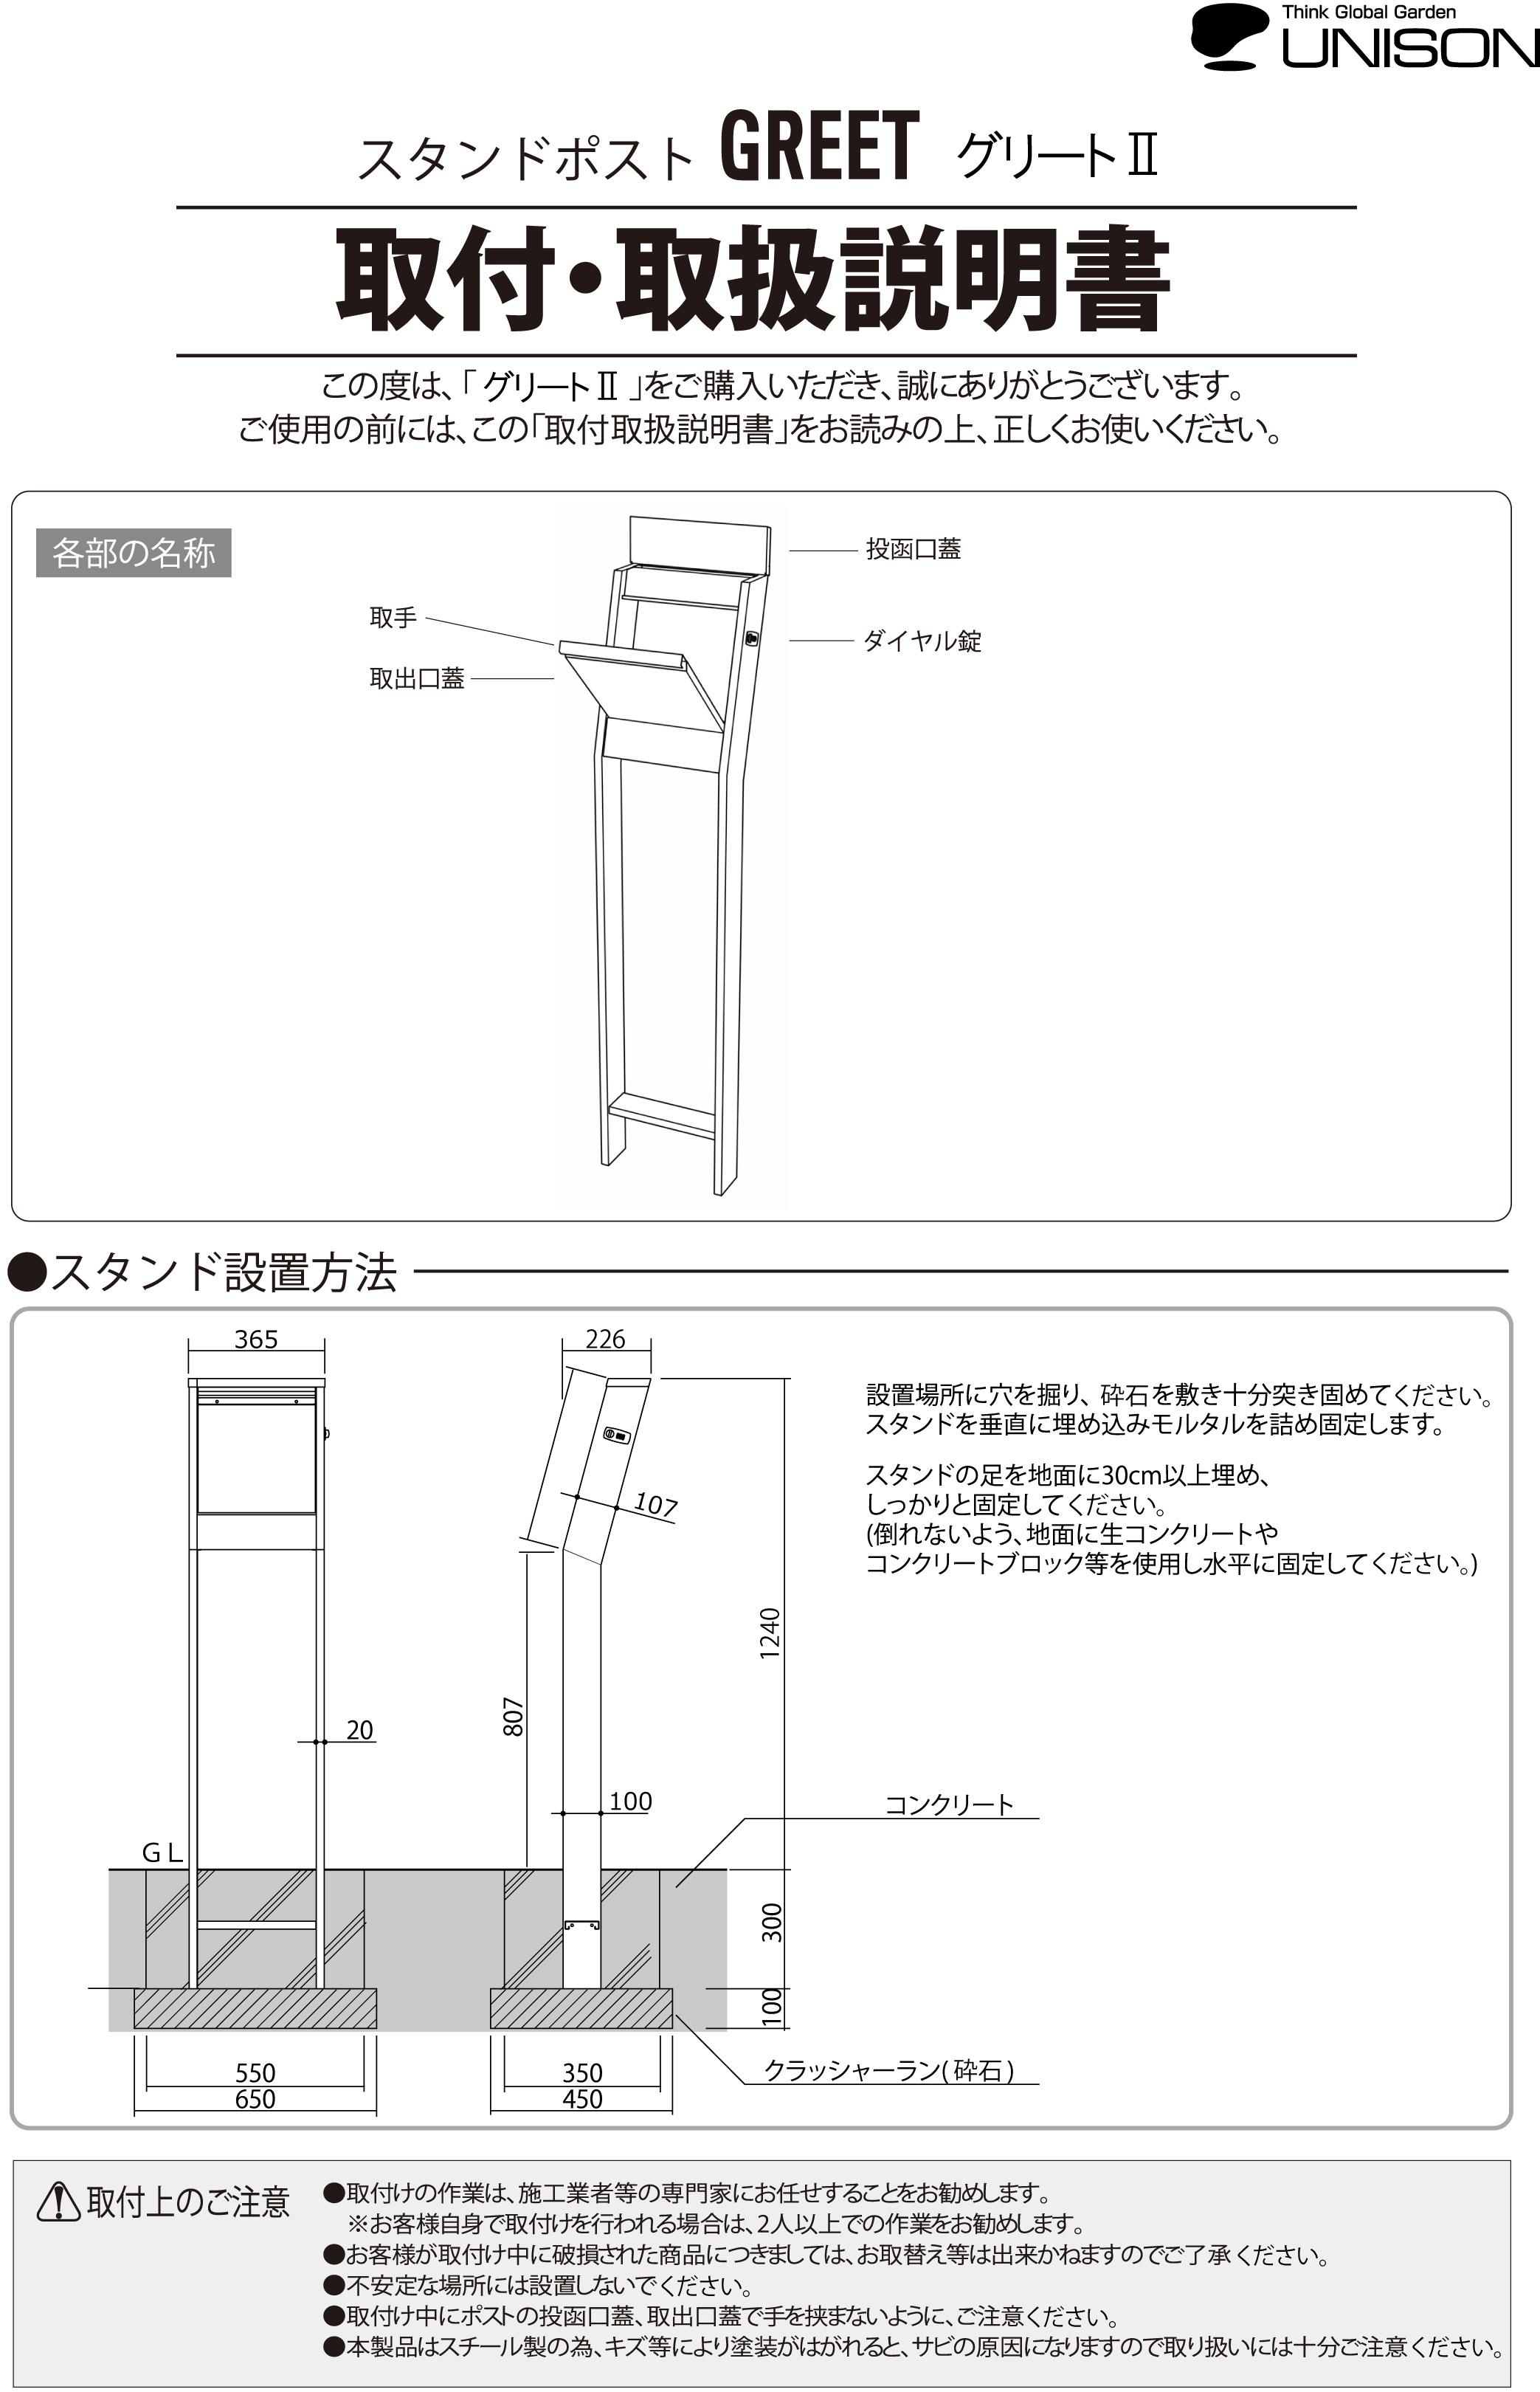 グリート2_取扱説明書-1